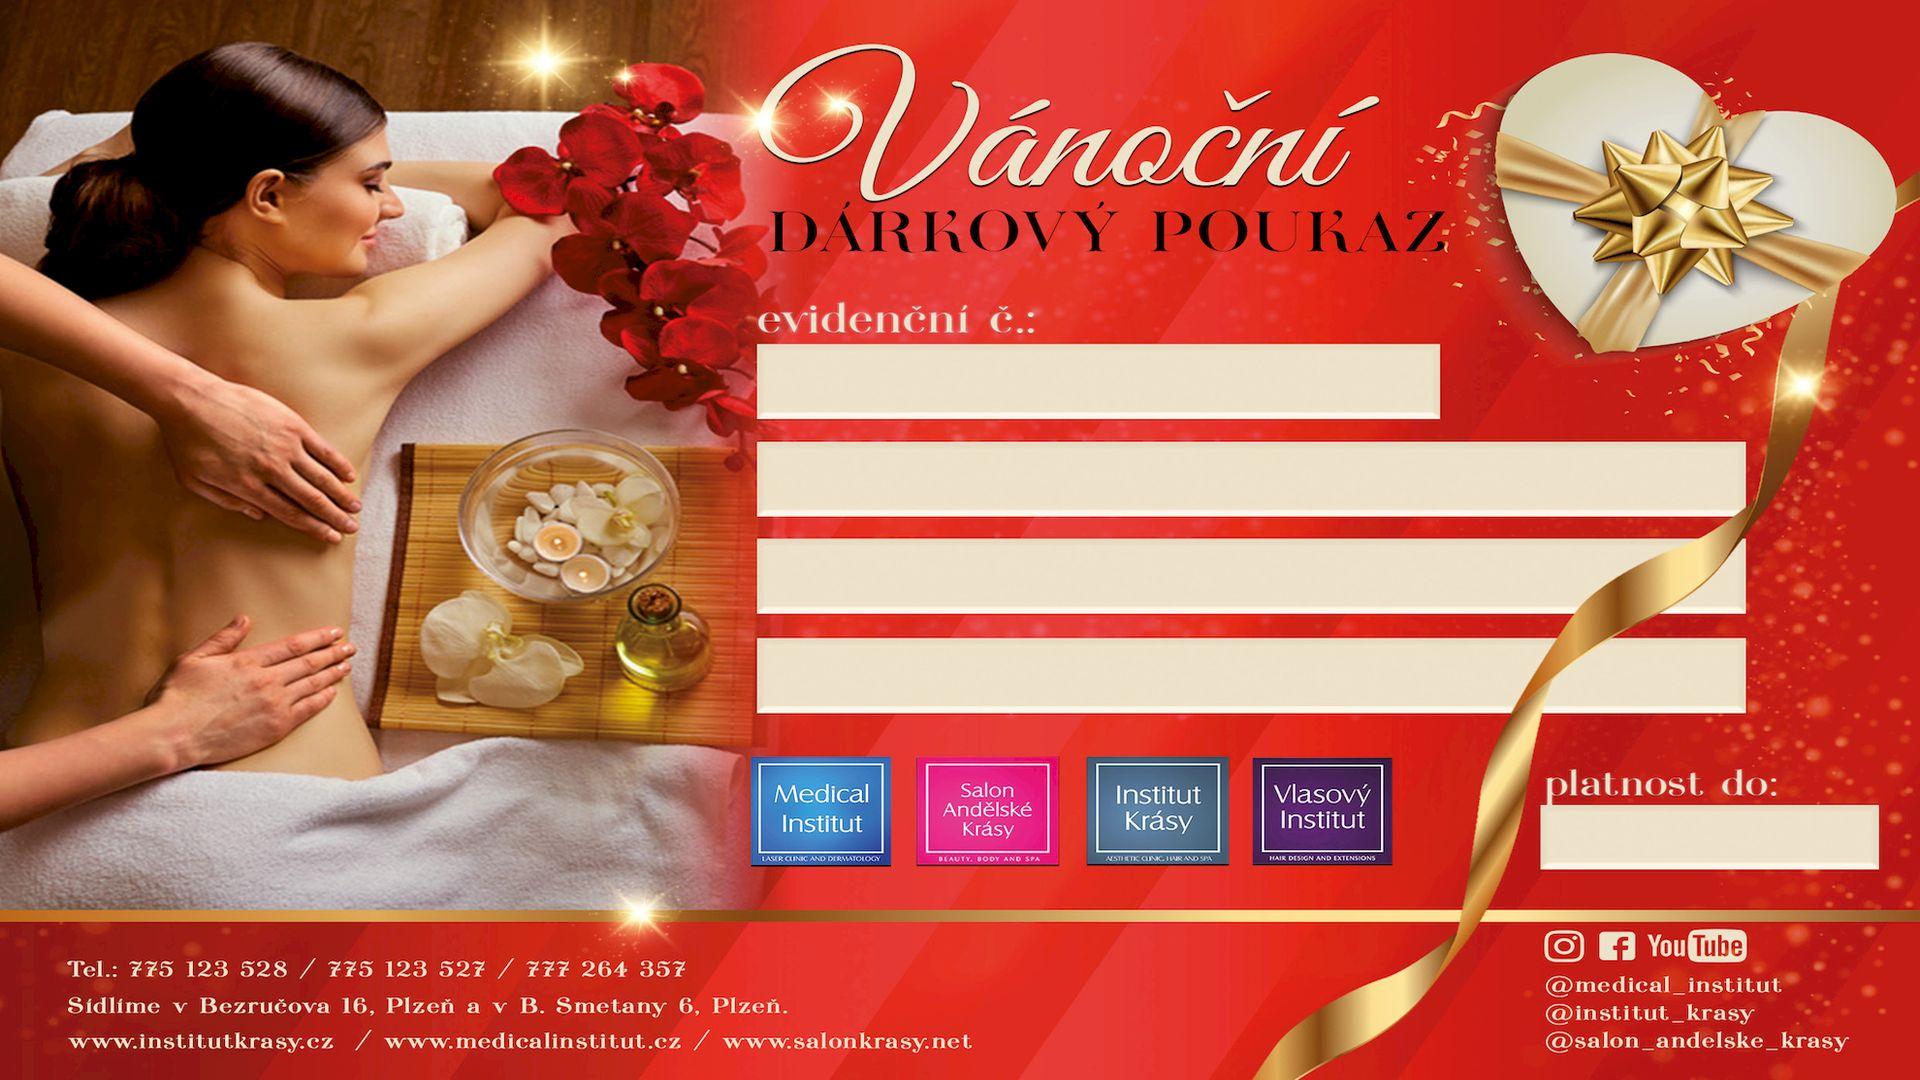 Prodej vánočních dárkových poukazů Plzeň